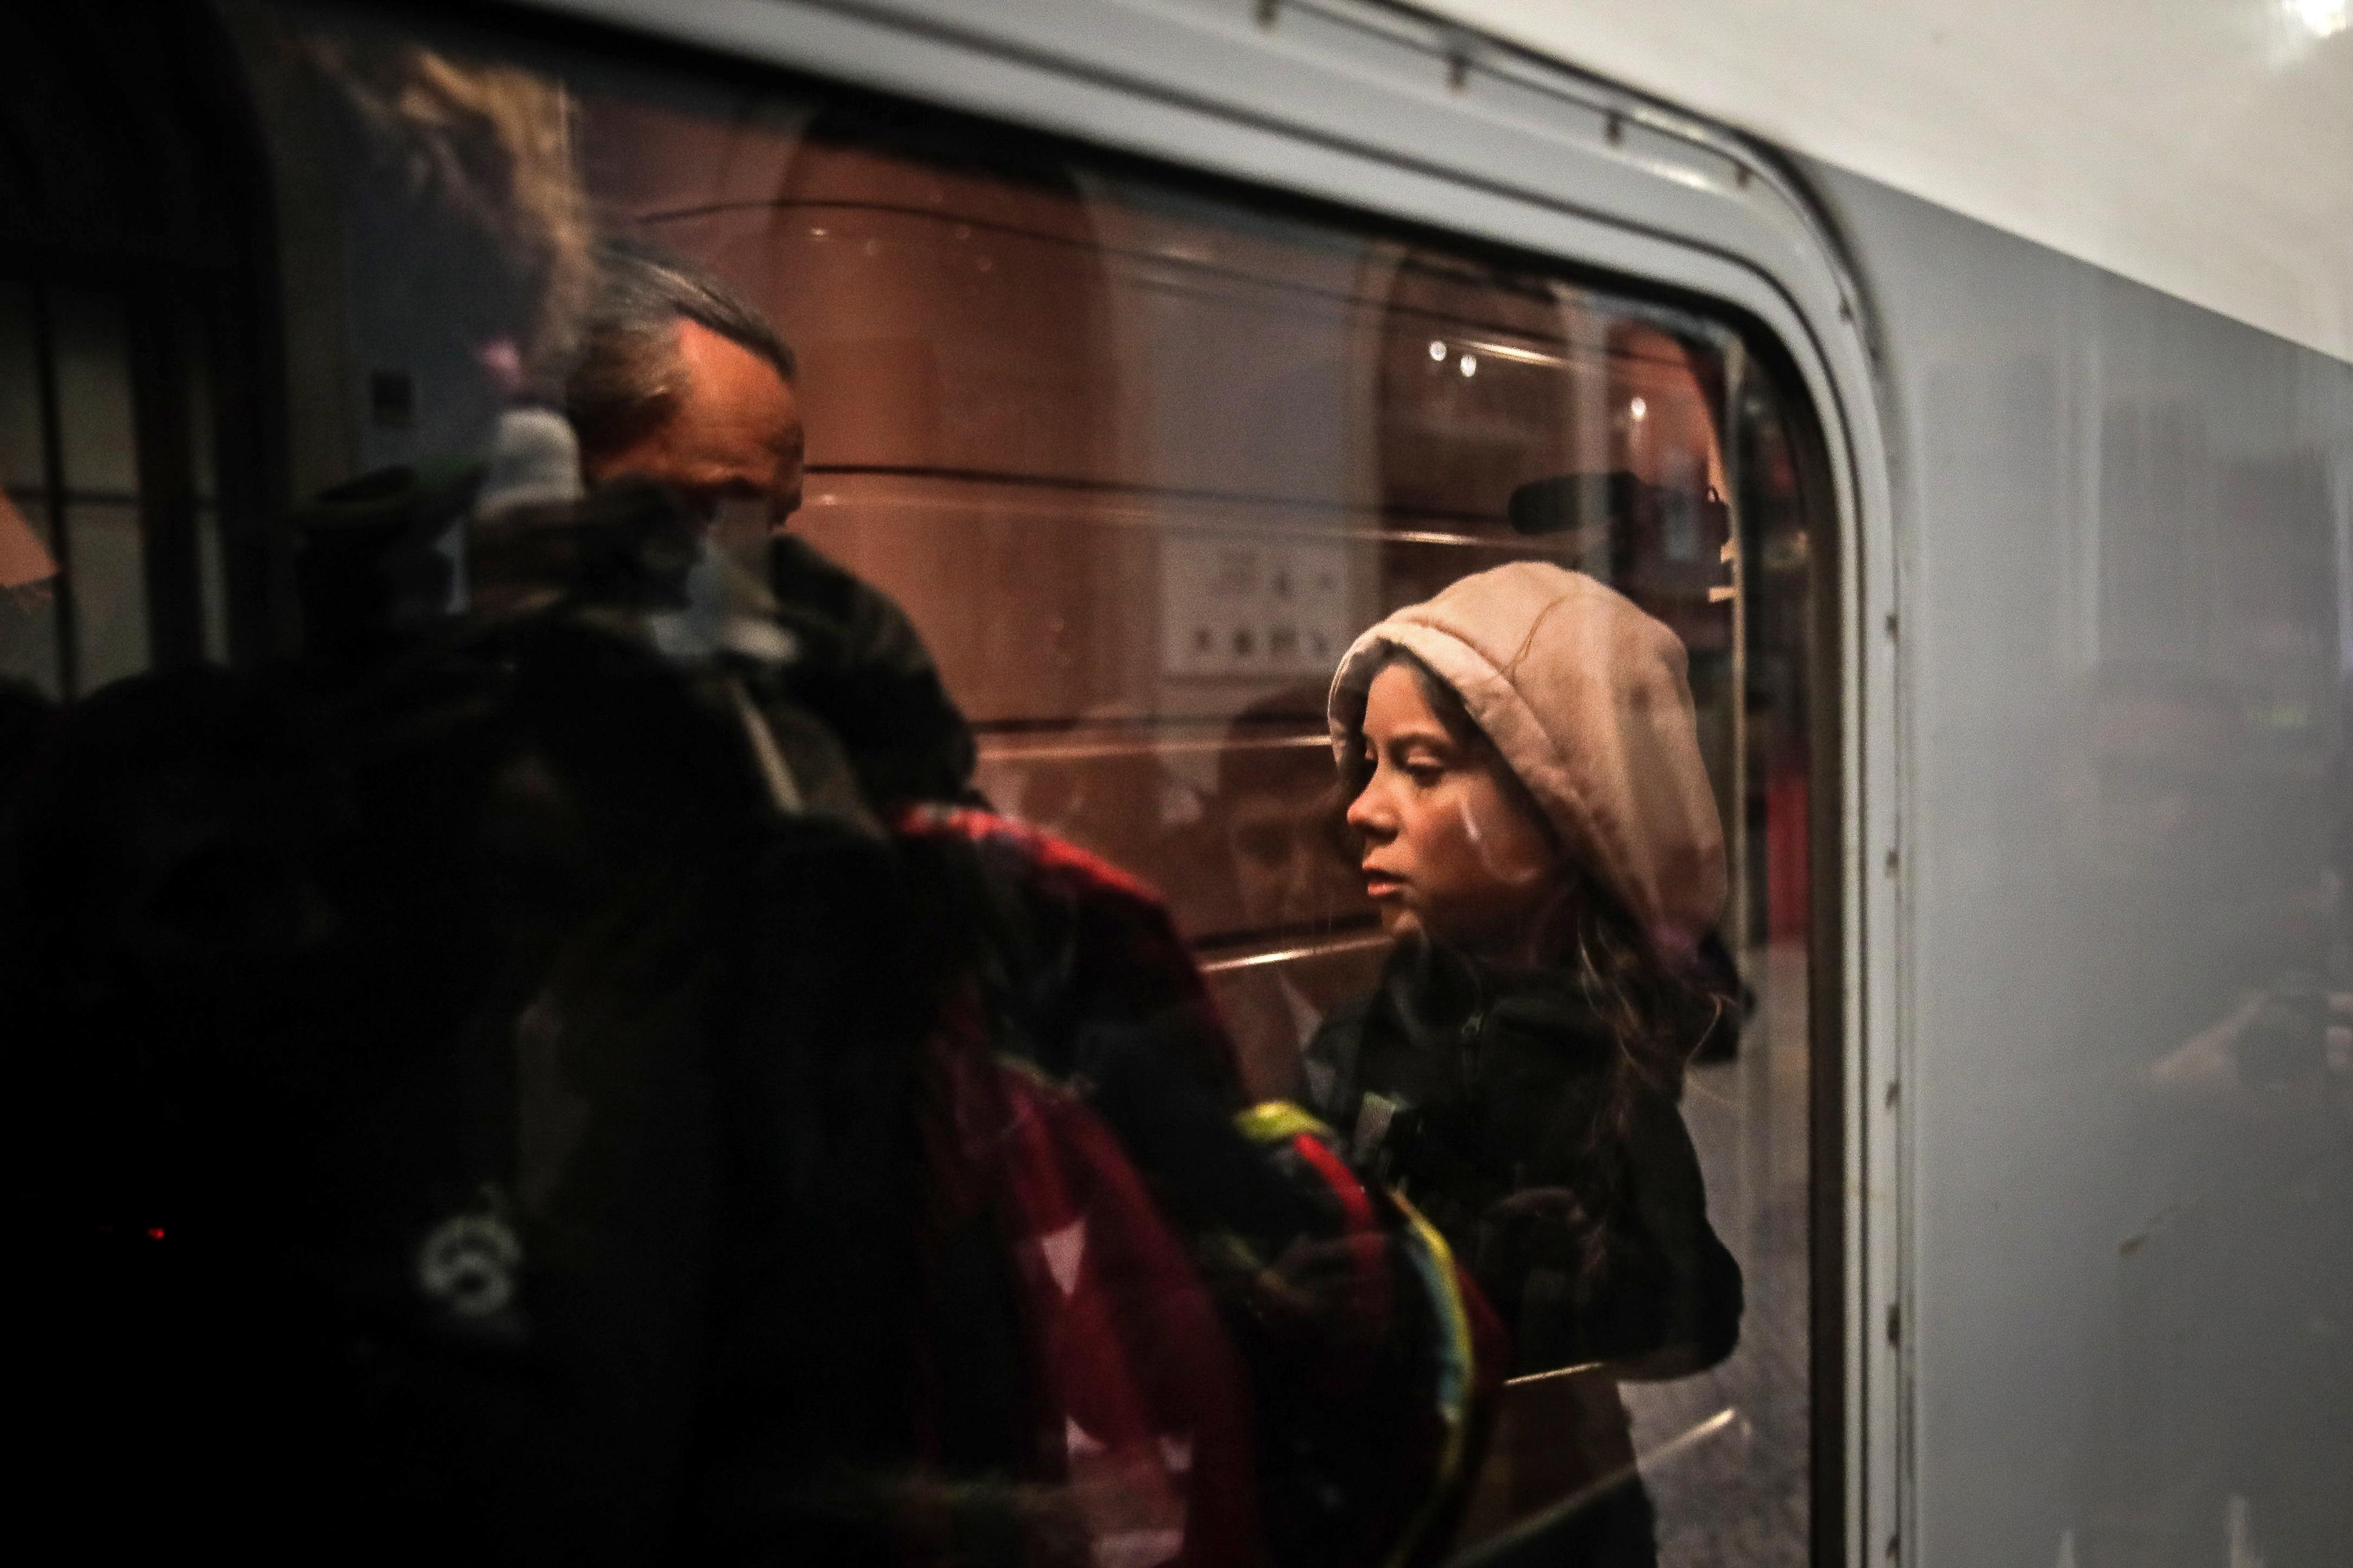 Ativista Greta Thunberg partiu de comboio para Madrid sem falar aos jornalistas